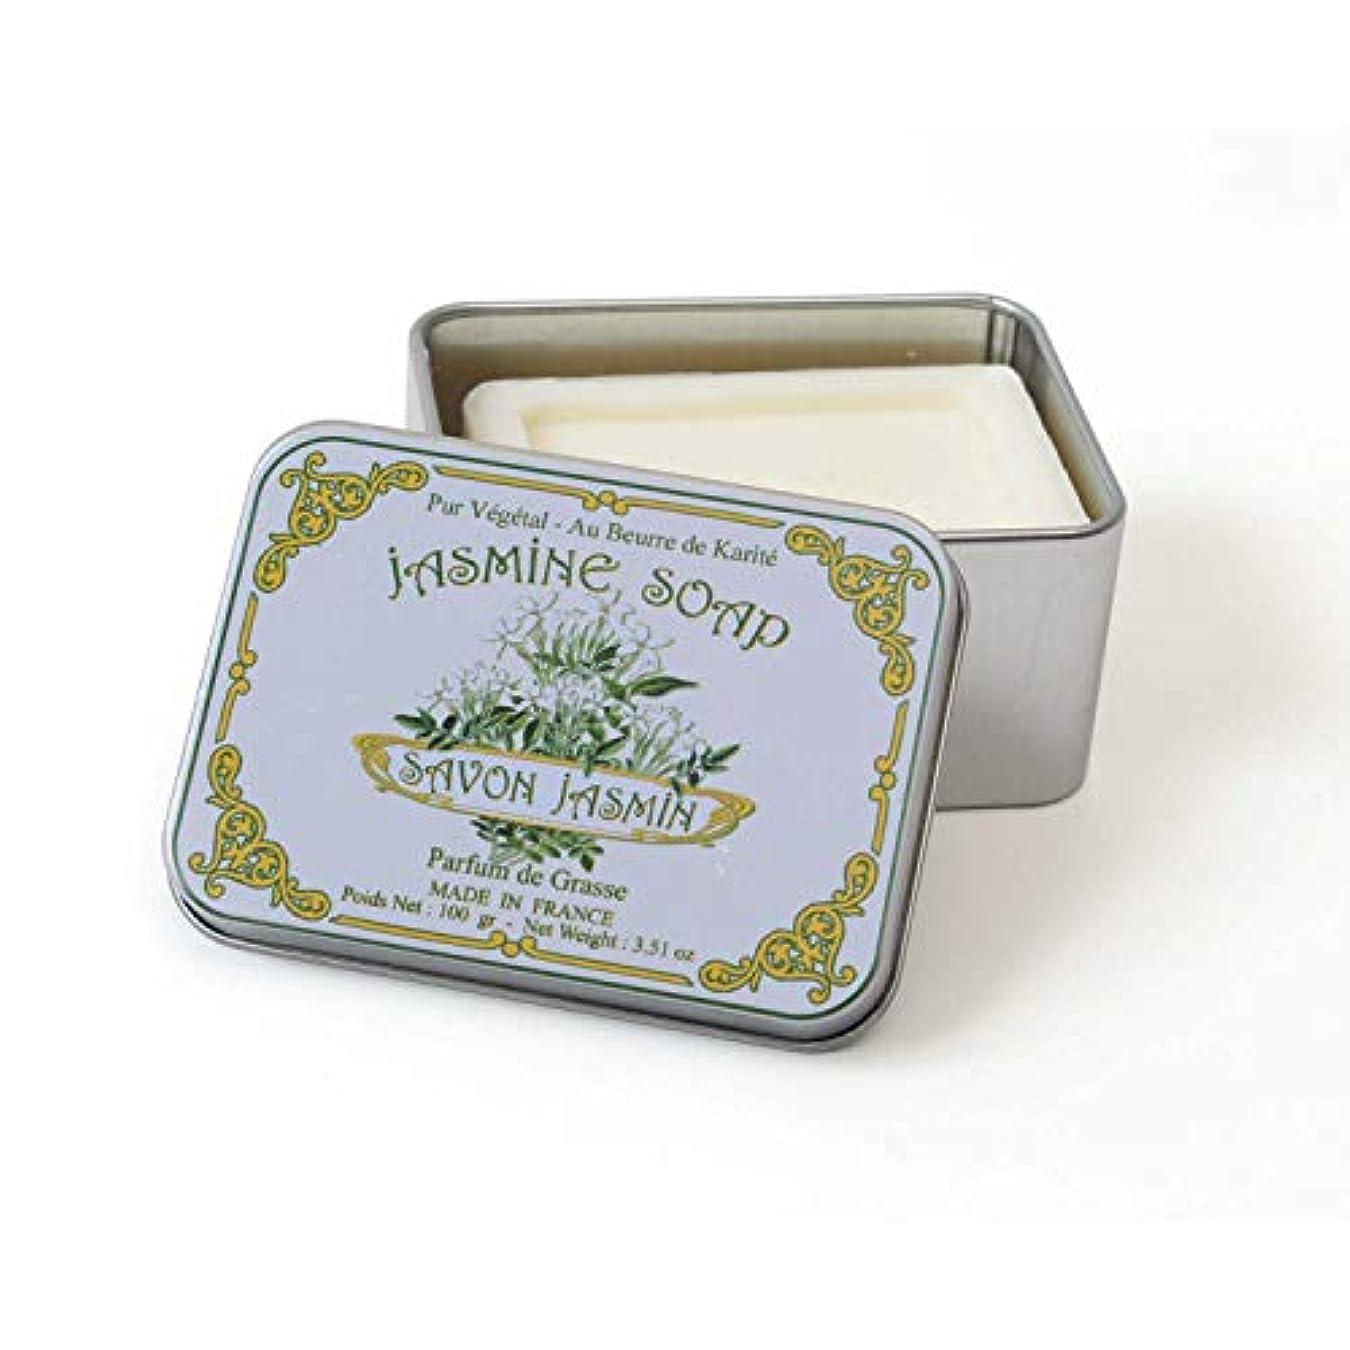 メロディーモック費用Le Blanc ルブランソープ ジャ スミンの香り